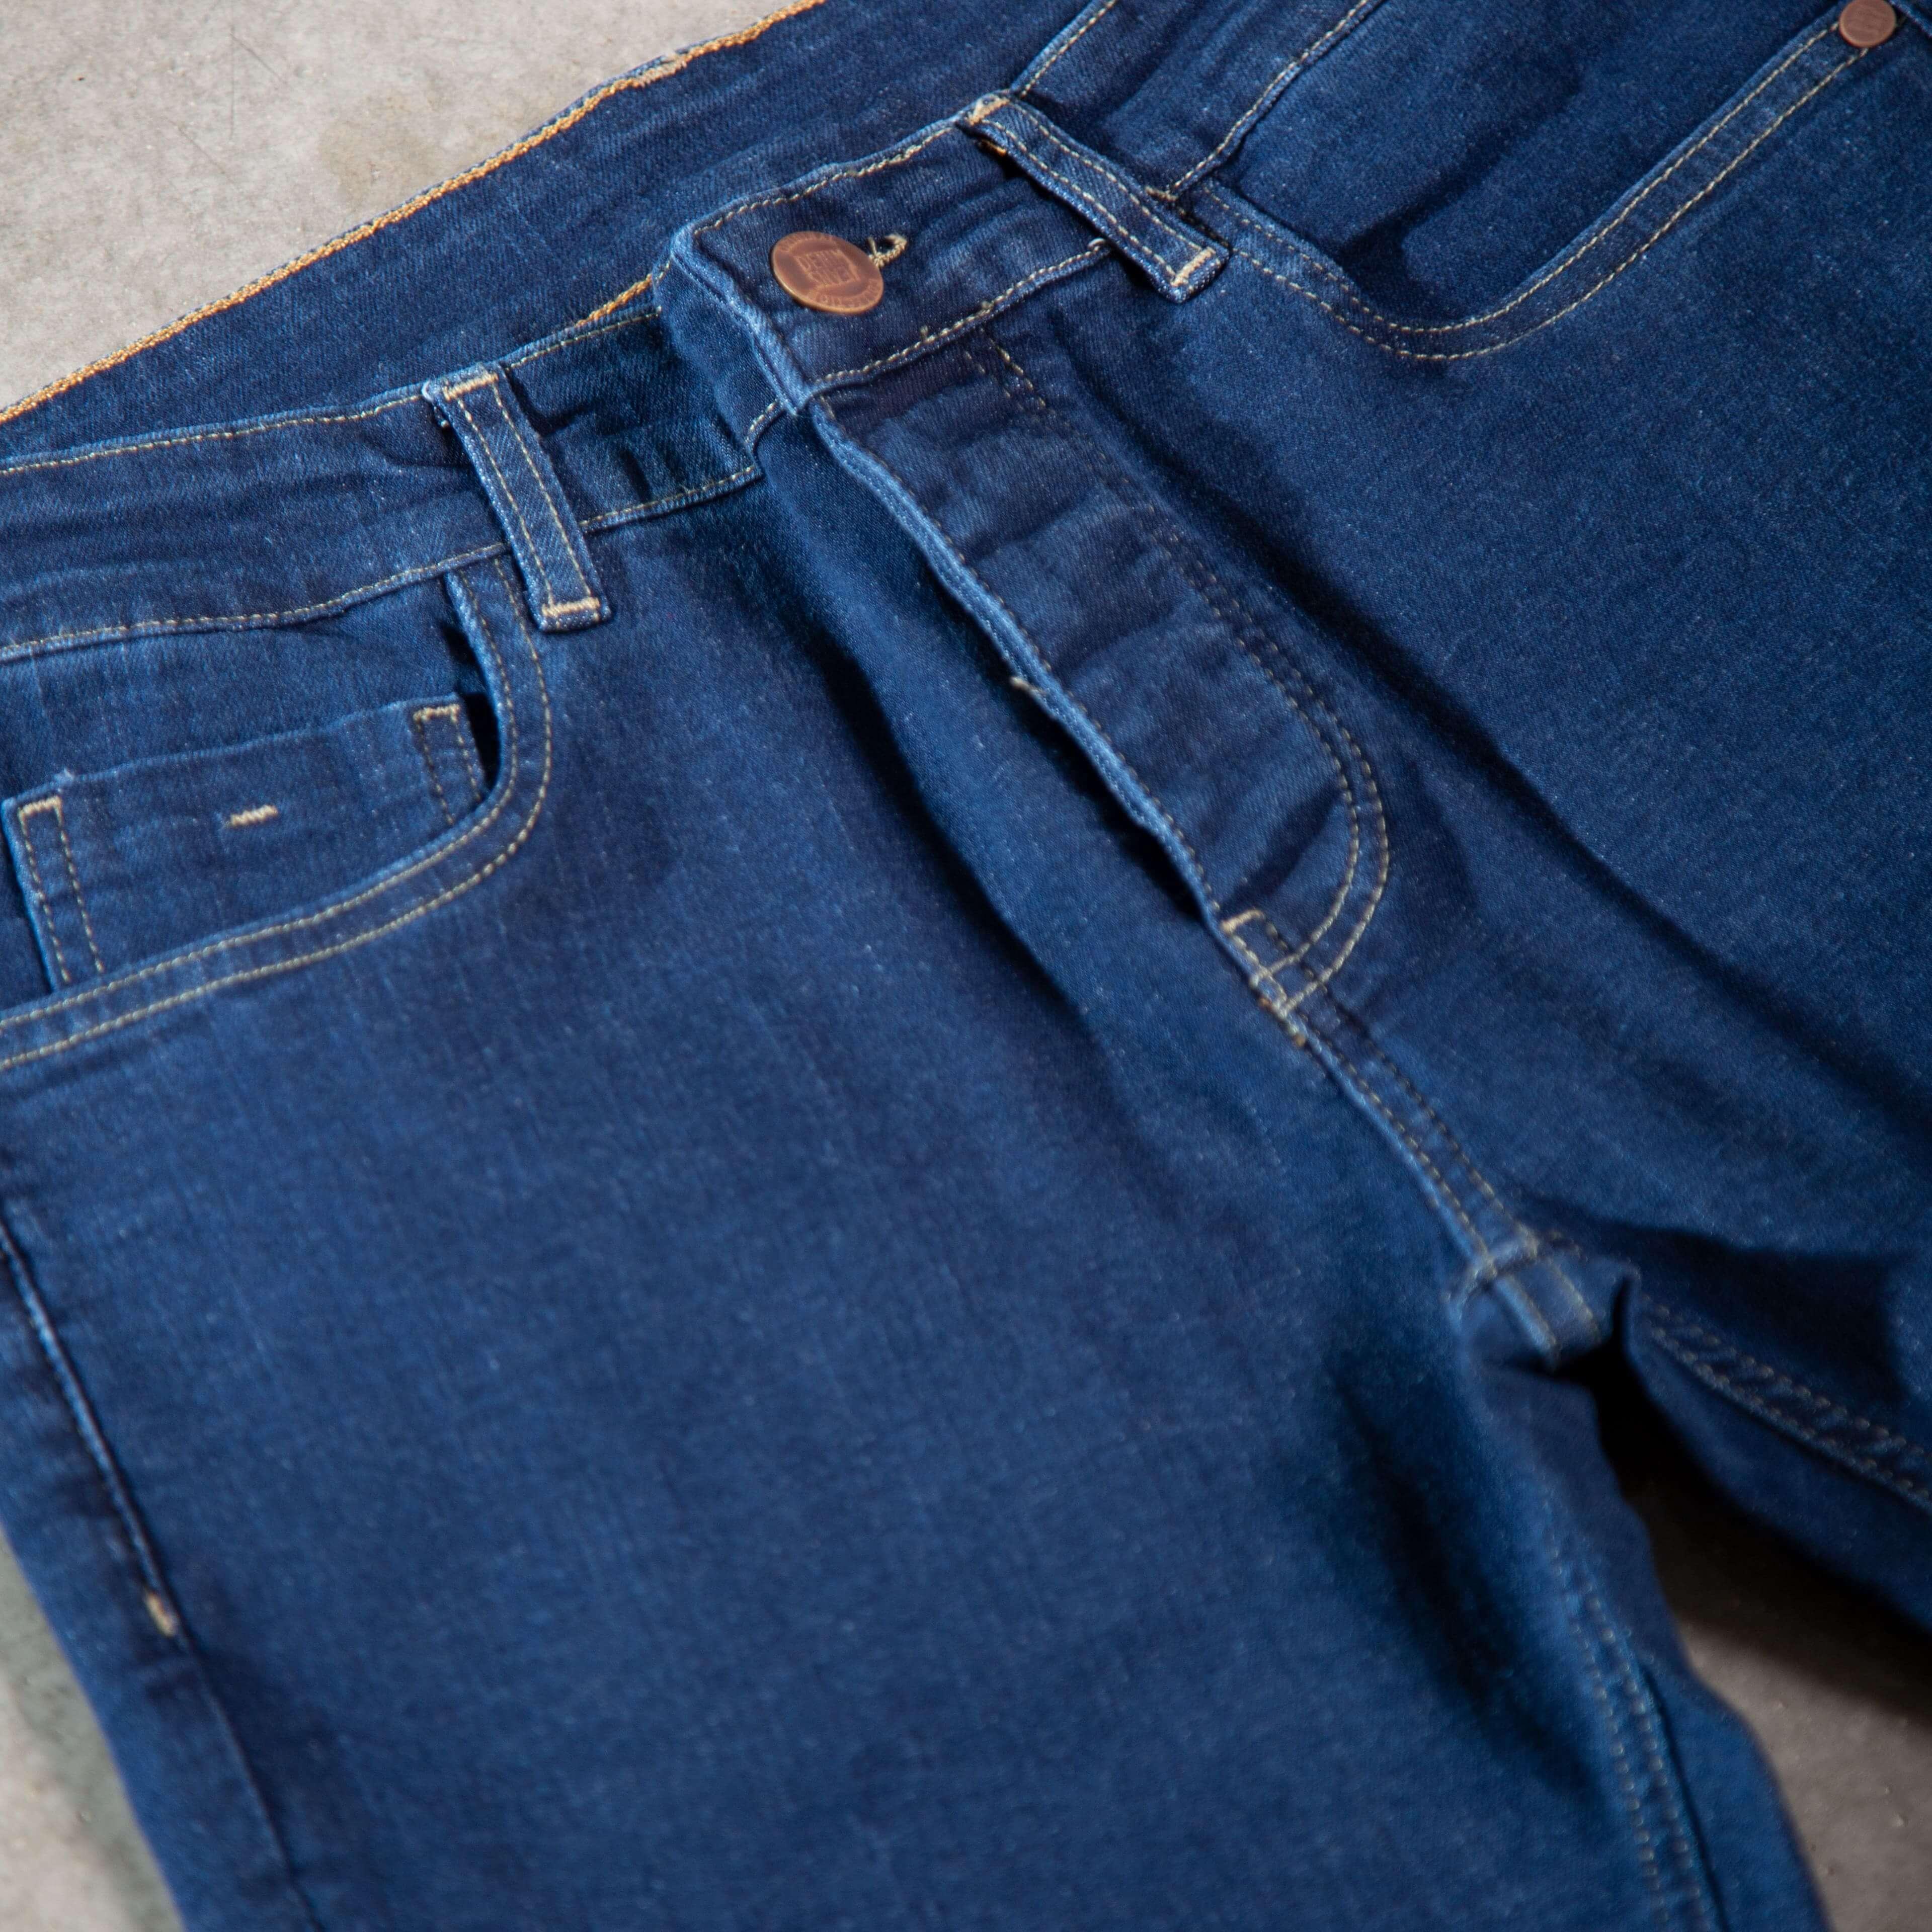 شلوار جین مردانه دایانو کد 8019 DK